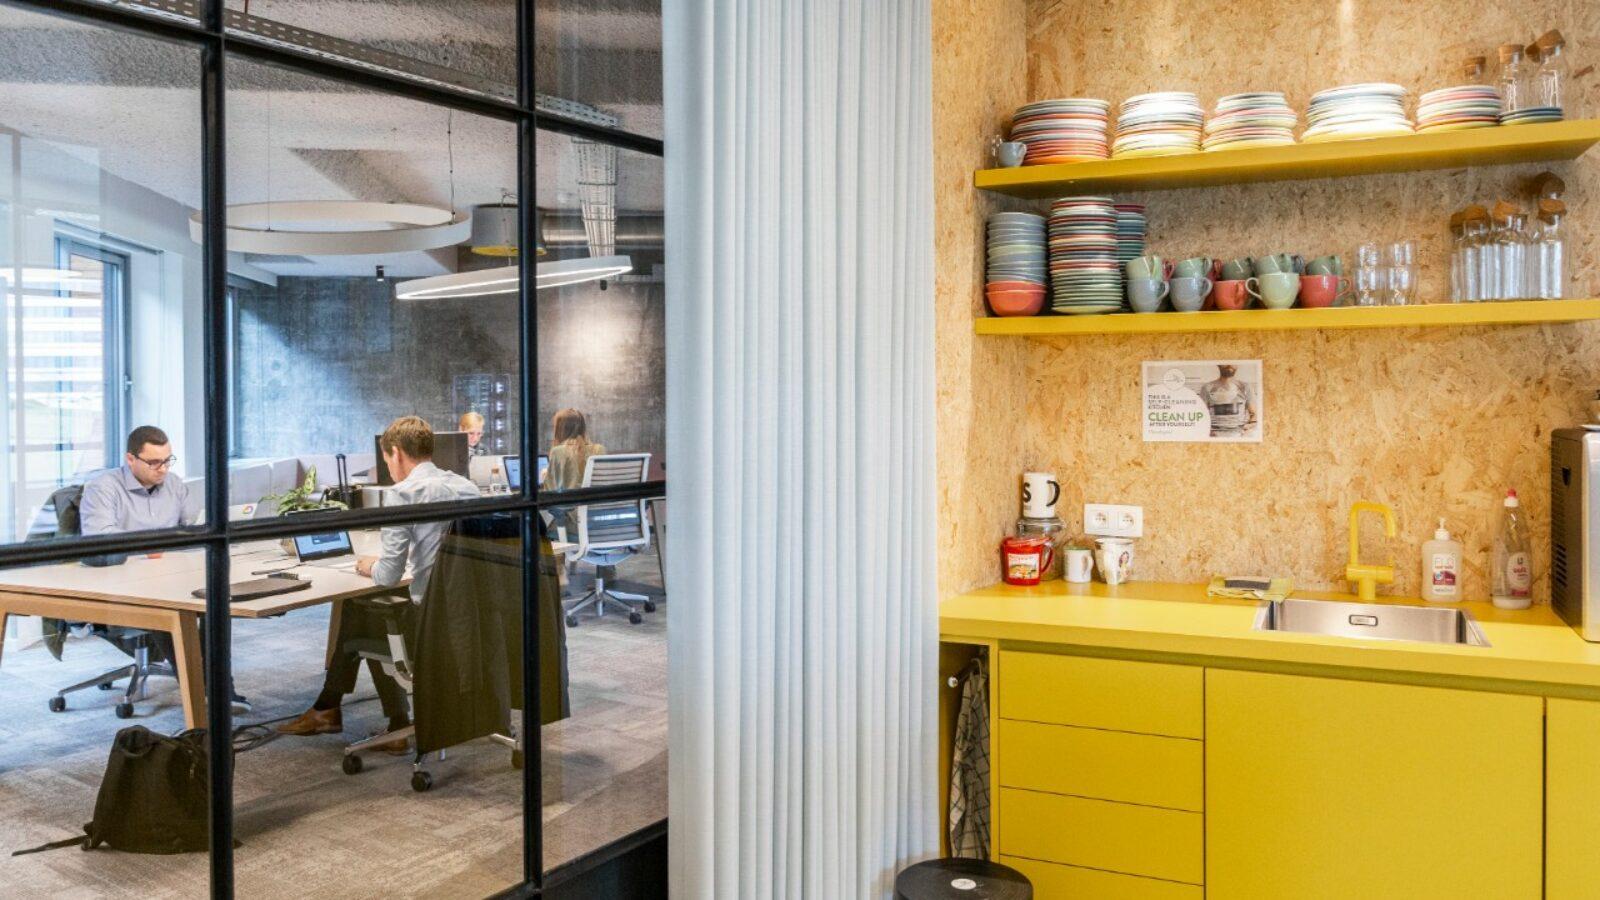 Greenhouse BXL coworkingruimte met keuken